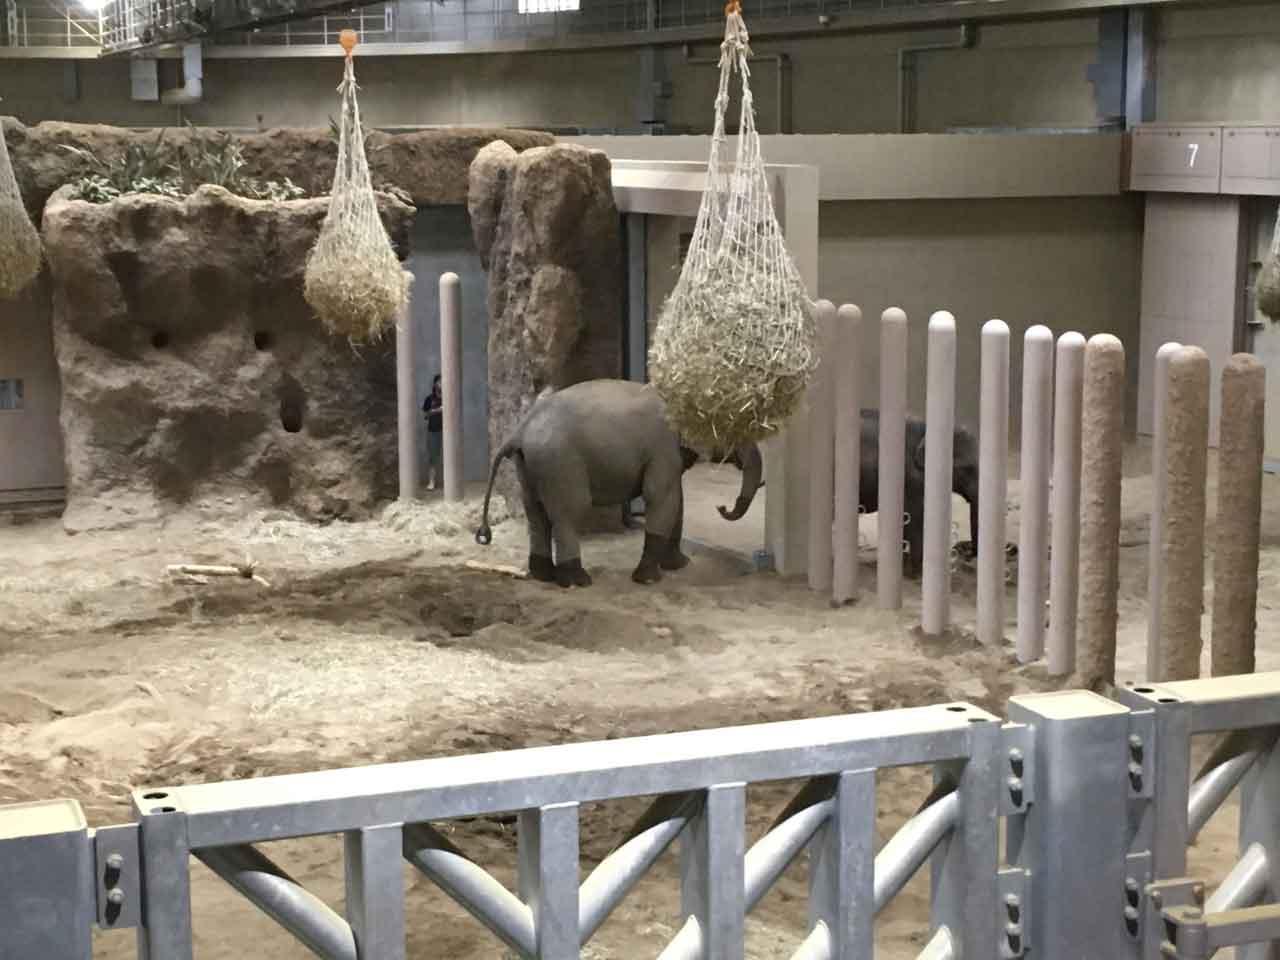 円山動物園のゾウ。同僚を呼び出している